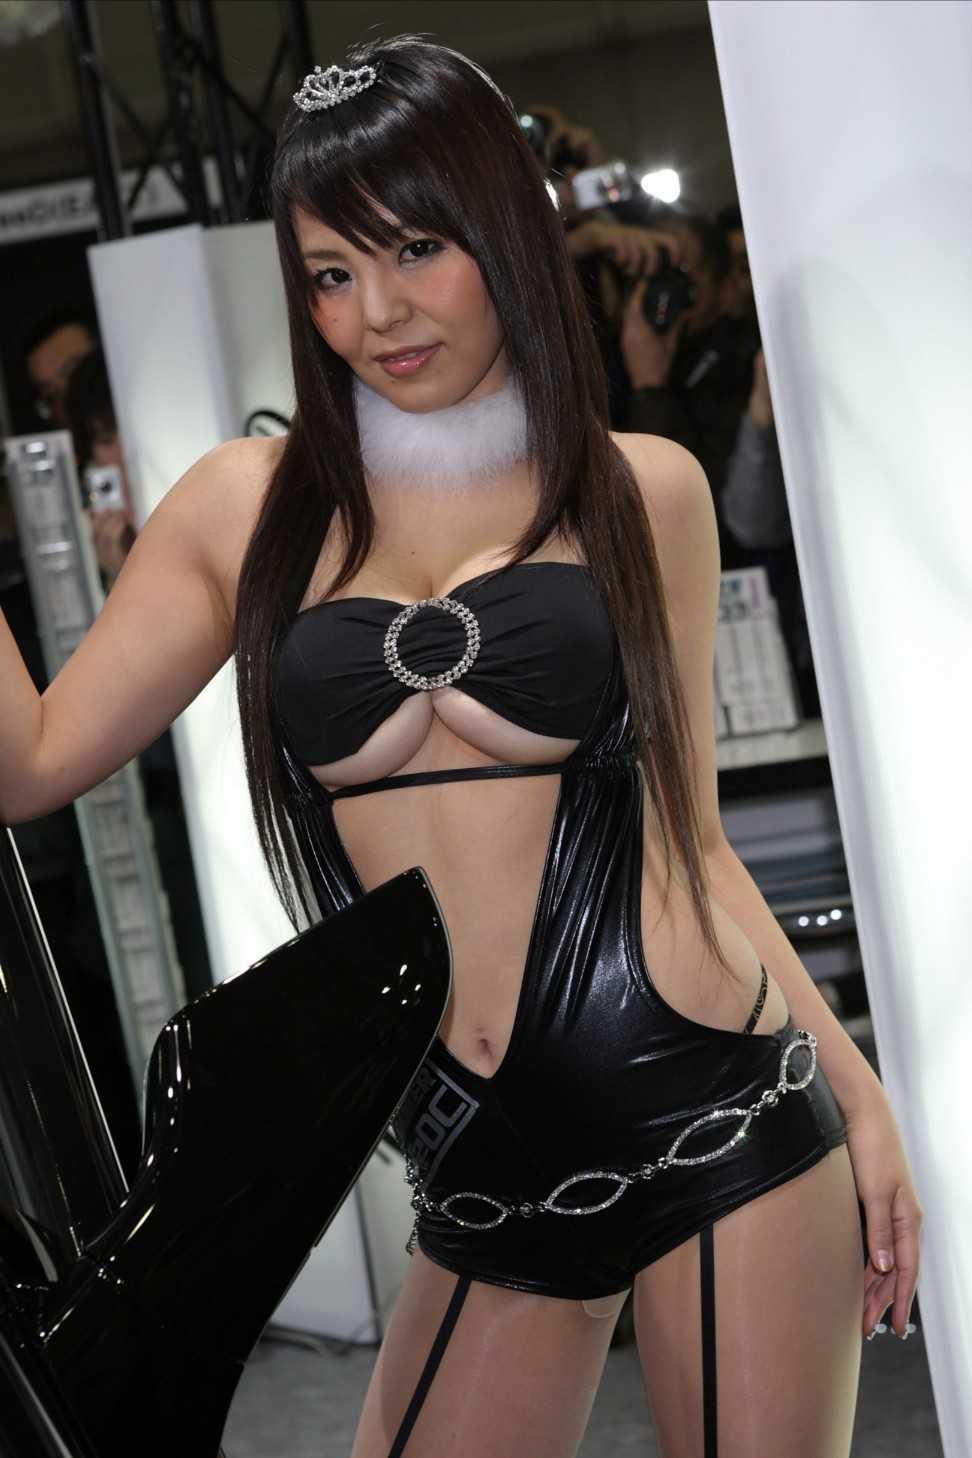 セクシー衣装のコンパニオン (20)